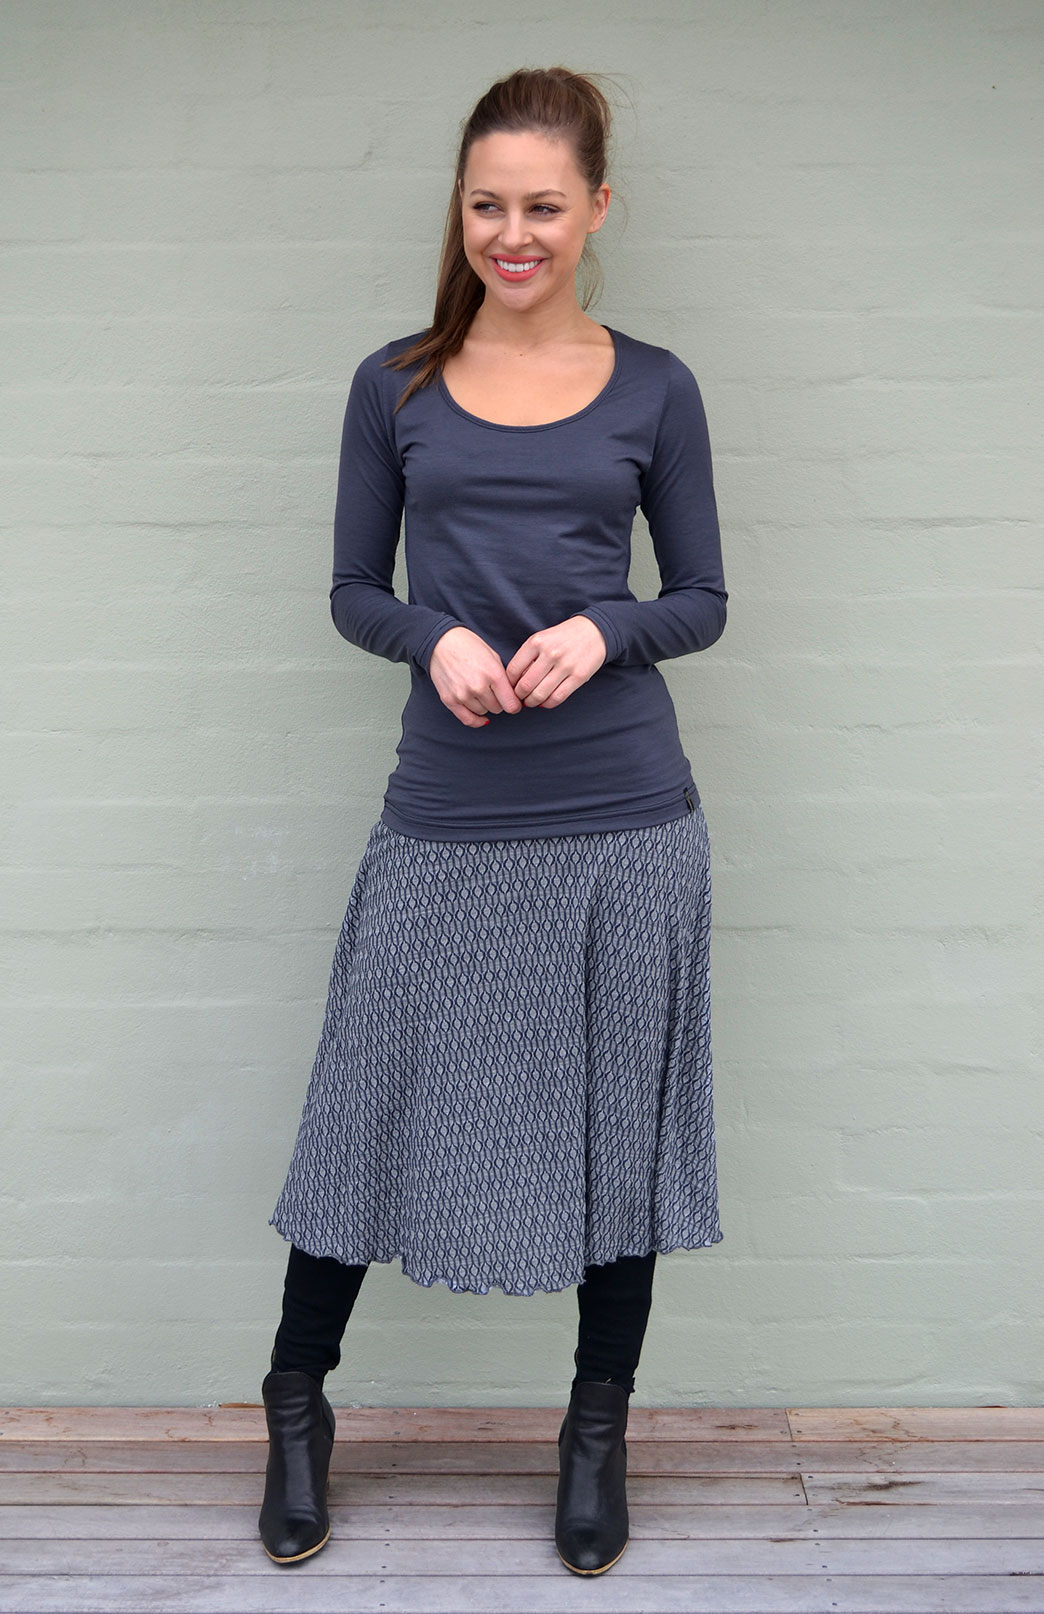 Twirl Skirt - Women's Wool Steel Keyhole Patterned A-Line Twirl Skirt - Smitten Merino Tasmania Australia